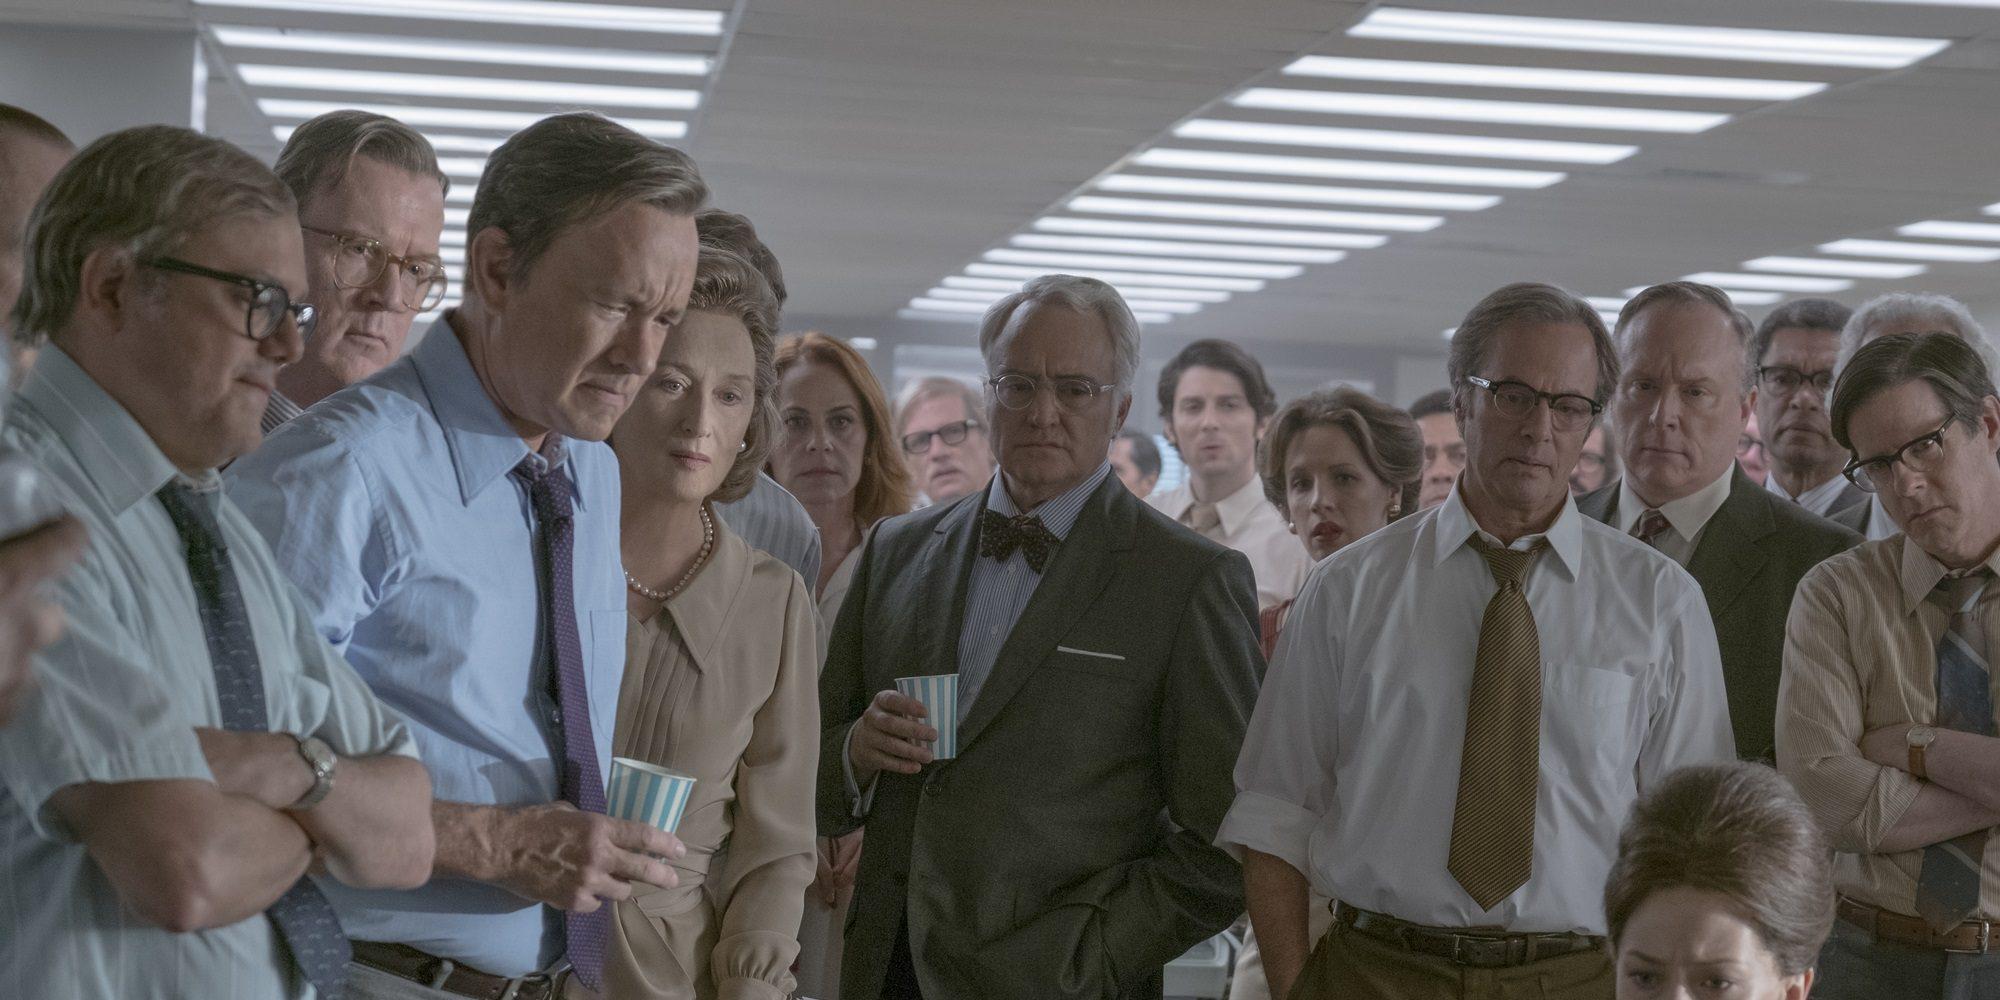 'Los archivos del pentágono', 'Zama' y 'Plan de chicas' lideran los estrenos de cine de la semana